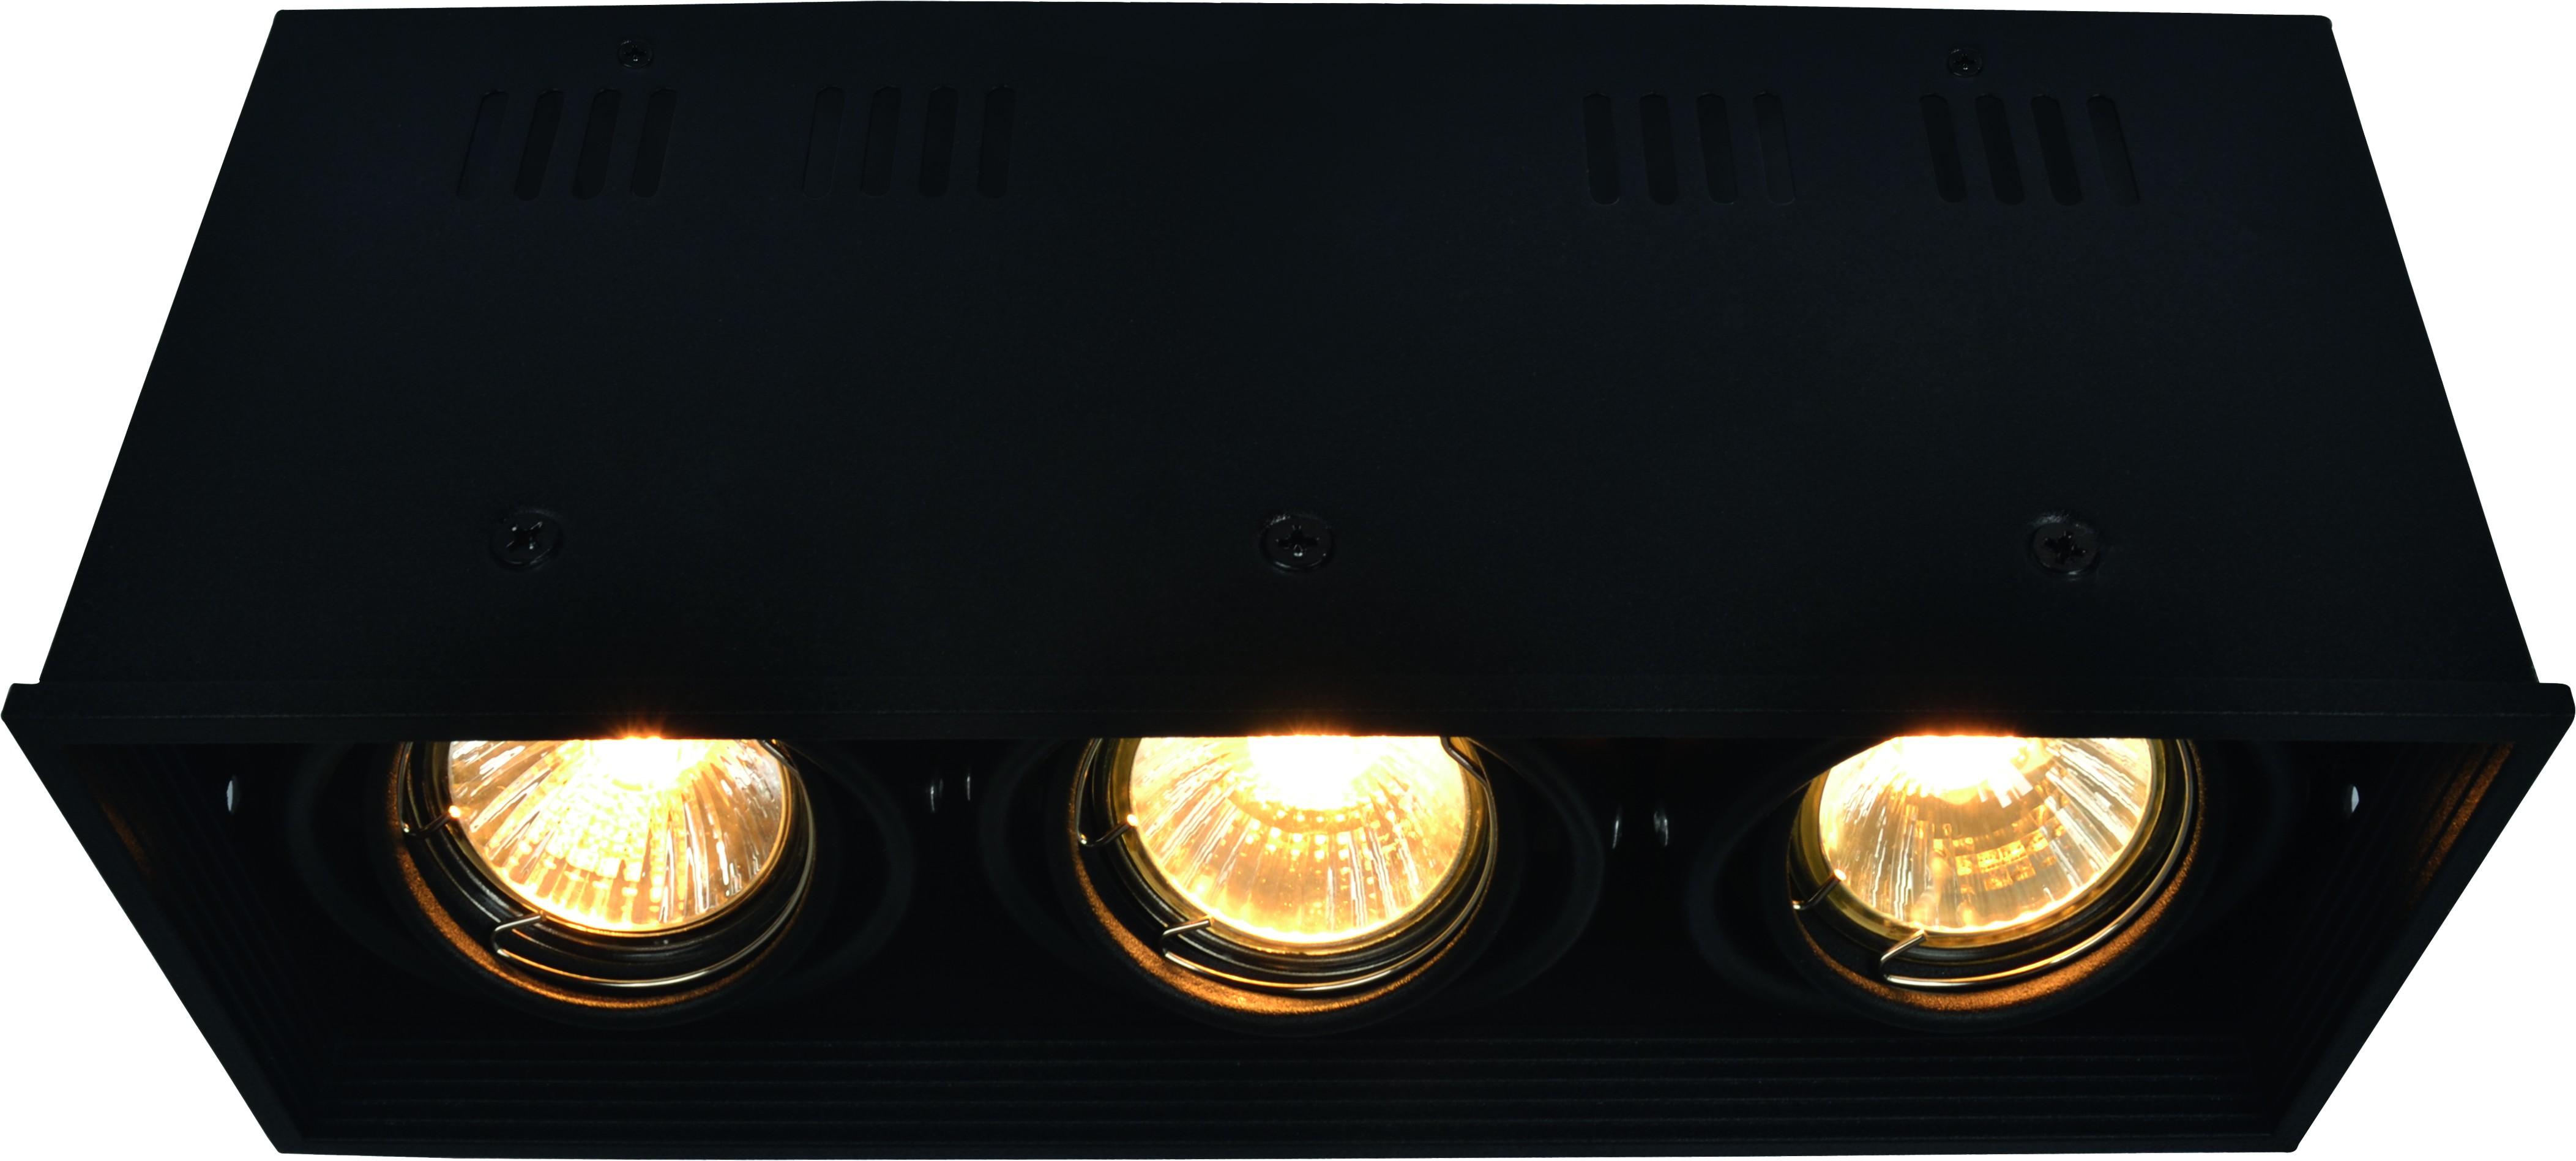 Купить Светильник встраиваемый Arte lamp A5942pl-3bk